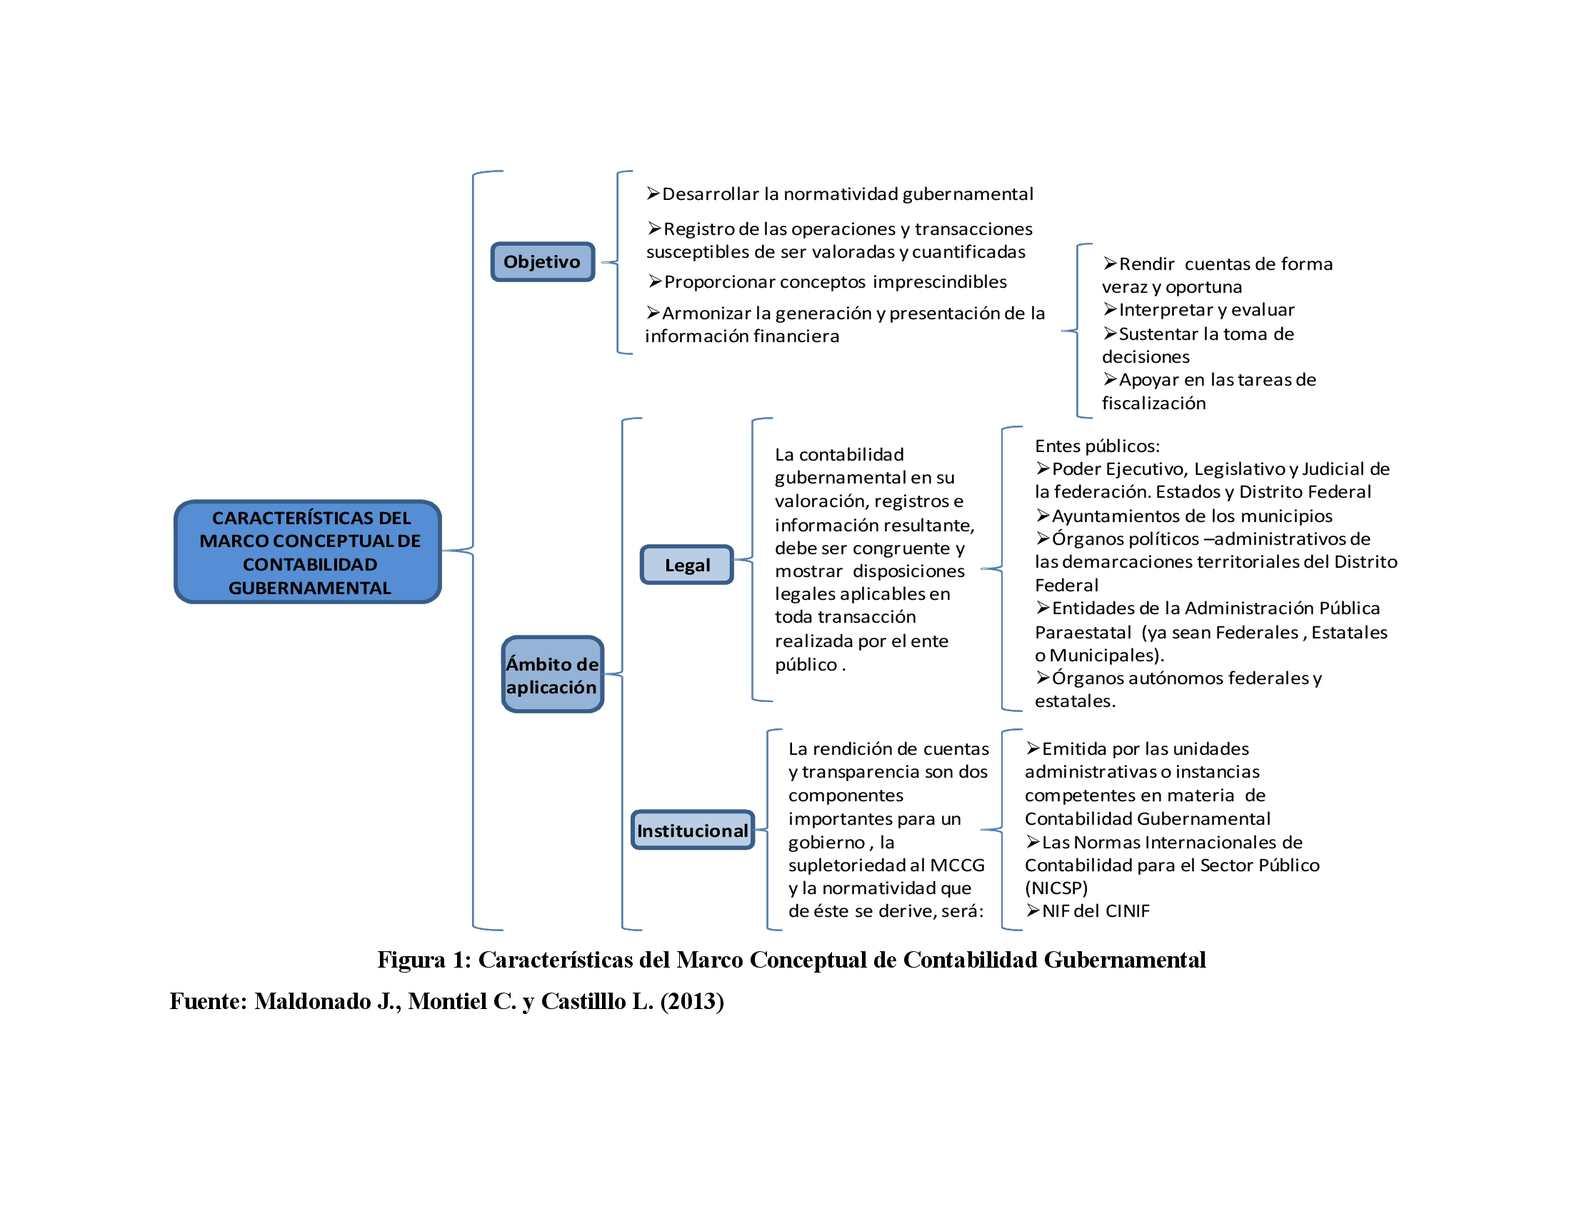 Marco Conceptual de la Contabilidad Gubernamental - CALAMEO Downloader